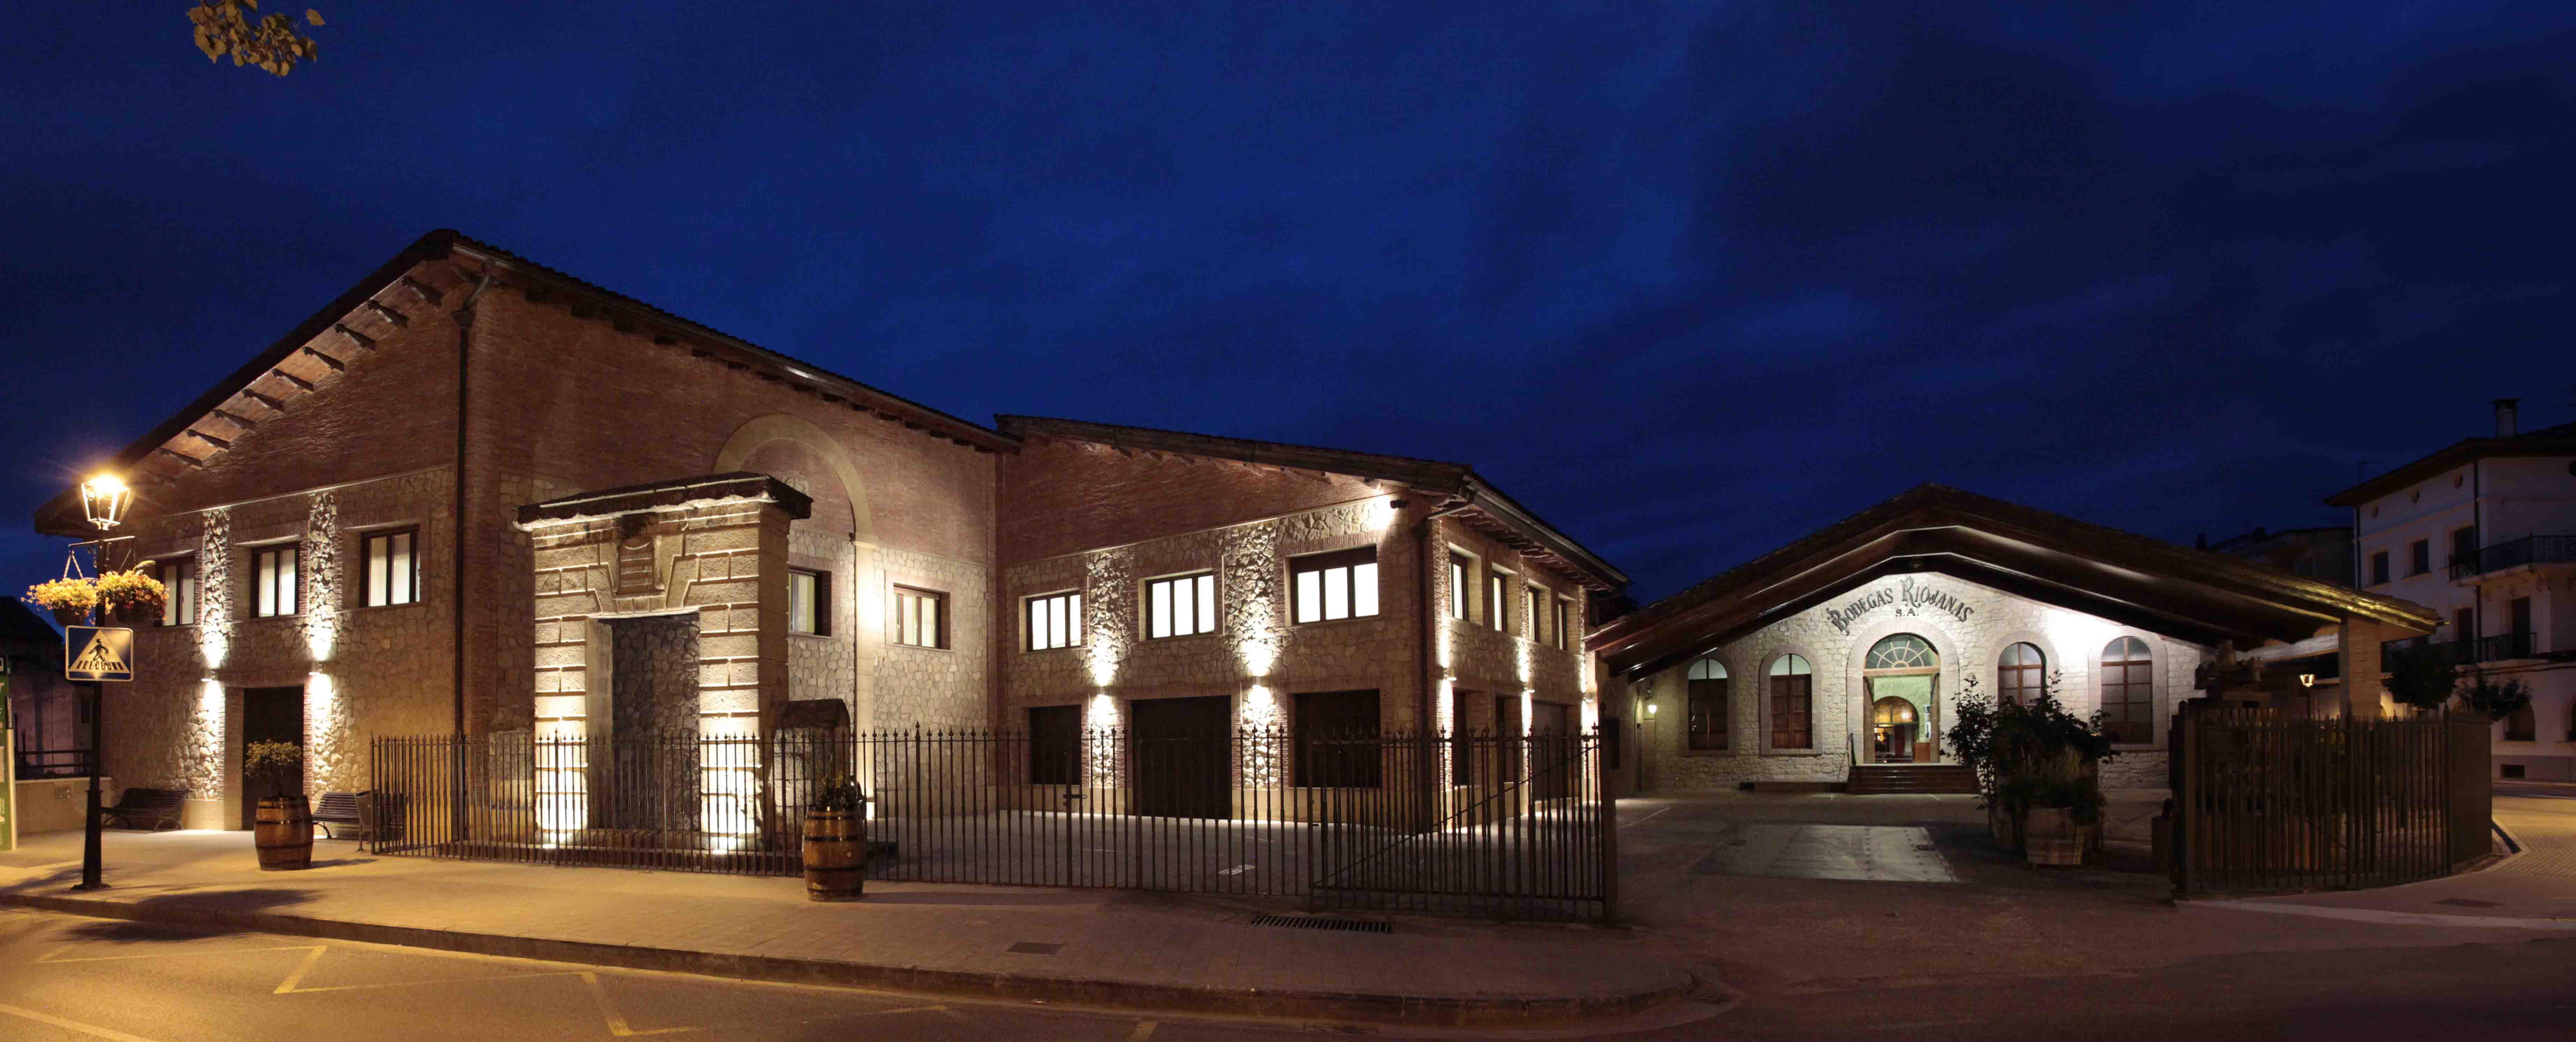 03. Bodegas Riojanas. Cenicero.